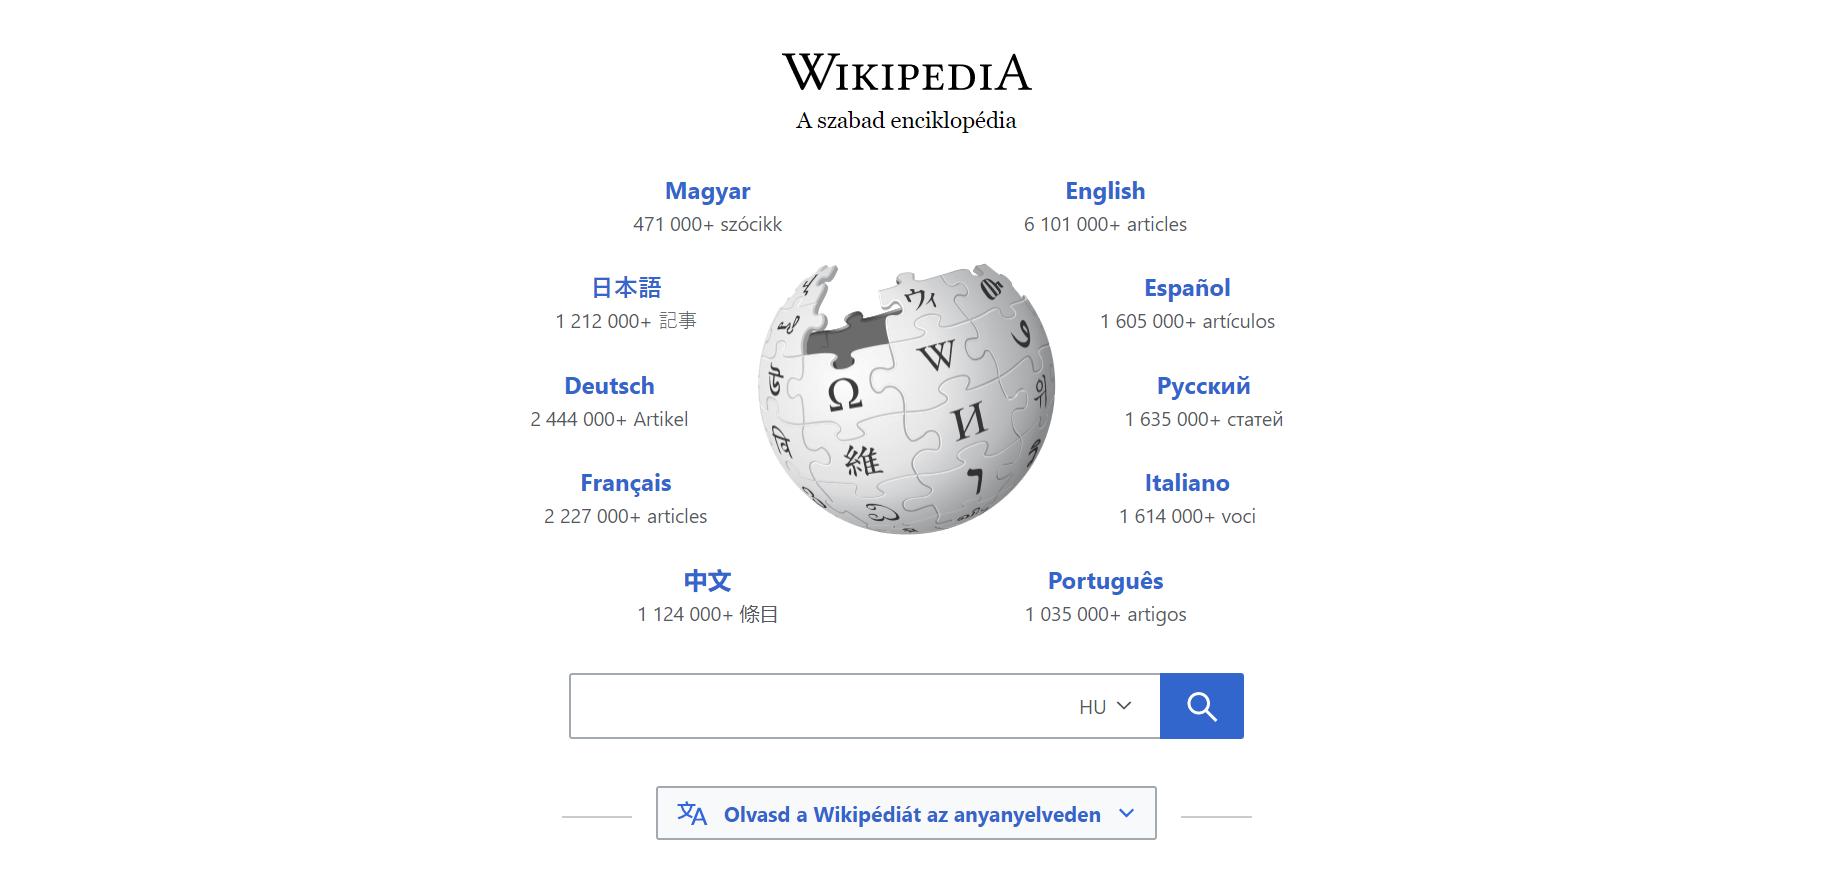 Olvasd és szerkeszd a Wikipédiát az anyanyelveden